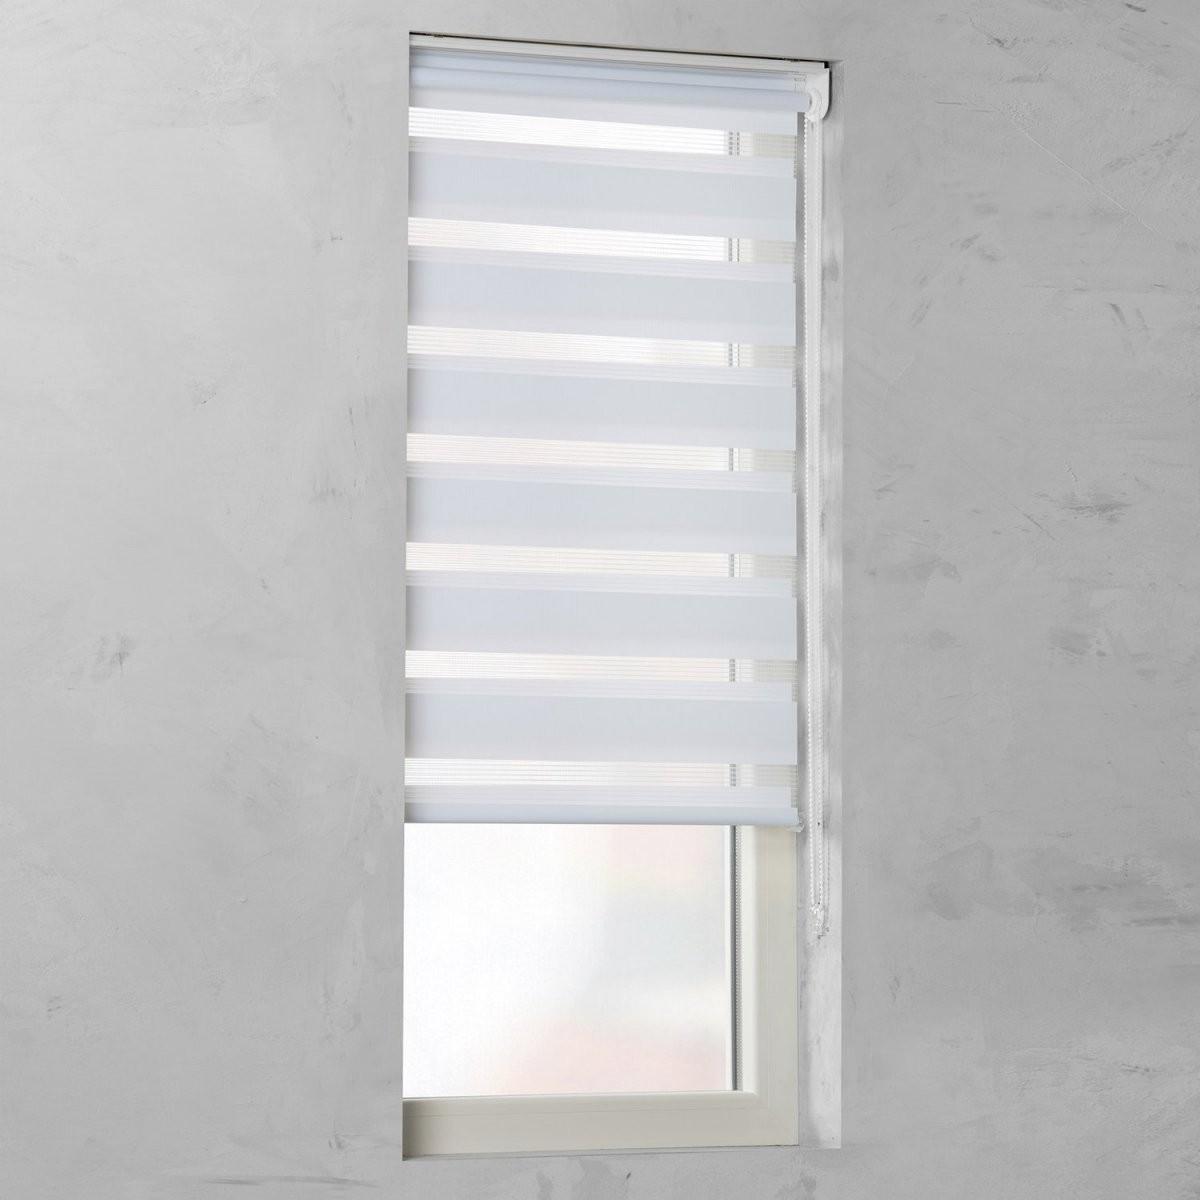 Cocoon Doppelrollo Tageslicht Weiß 100 Cm X 180 Cm Kaufen Bei Obi von Doppelrollo 180 Cm Breit Bild